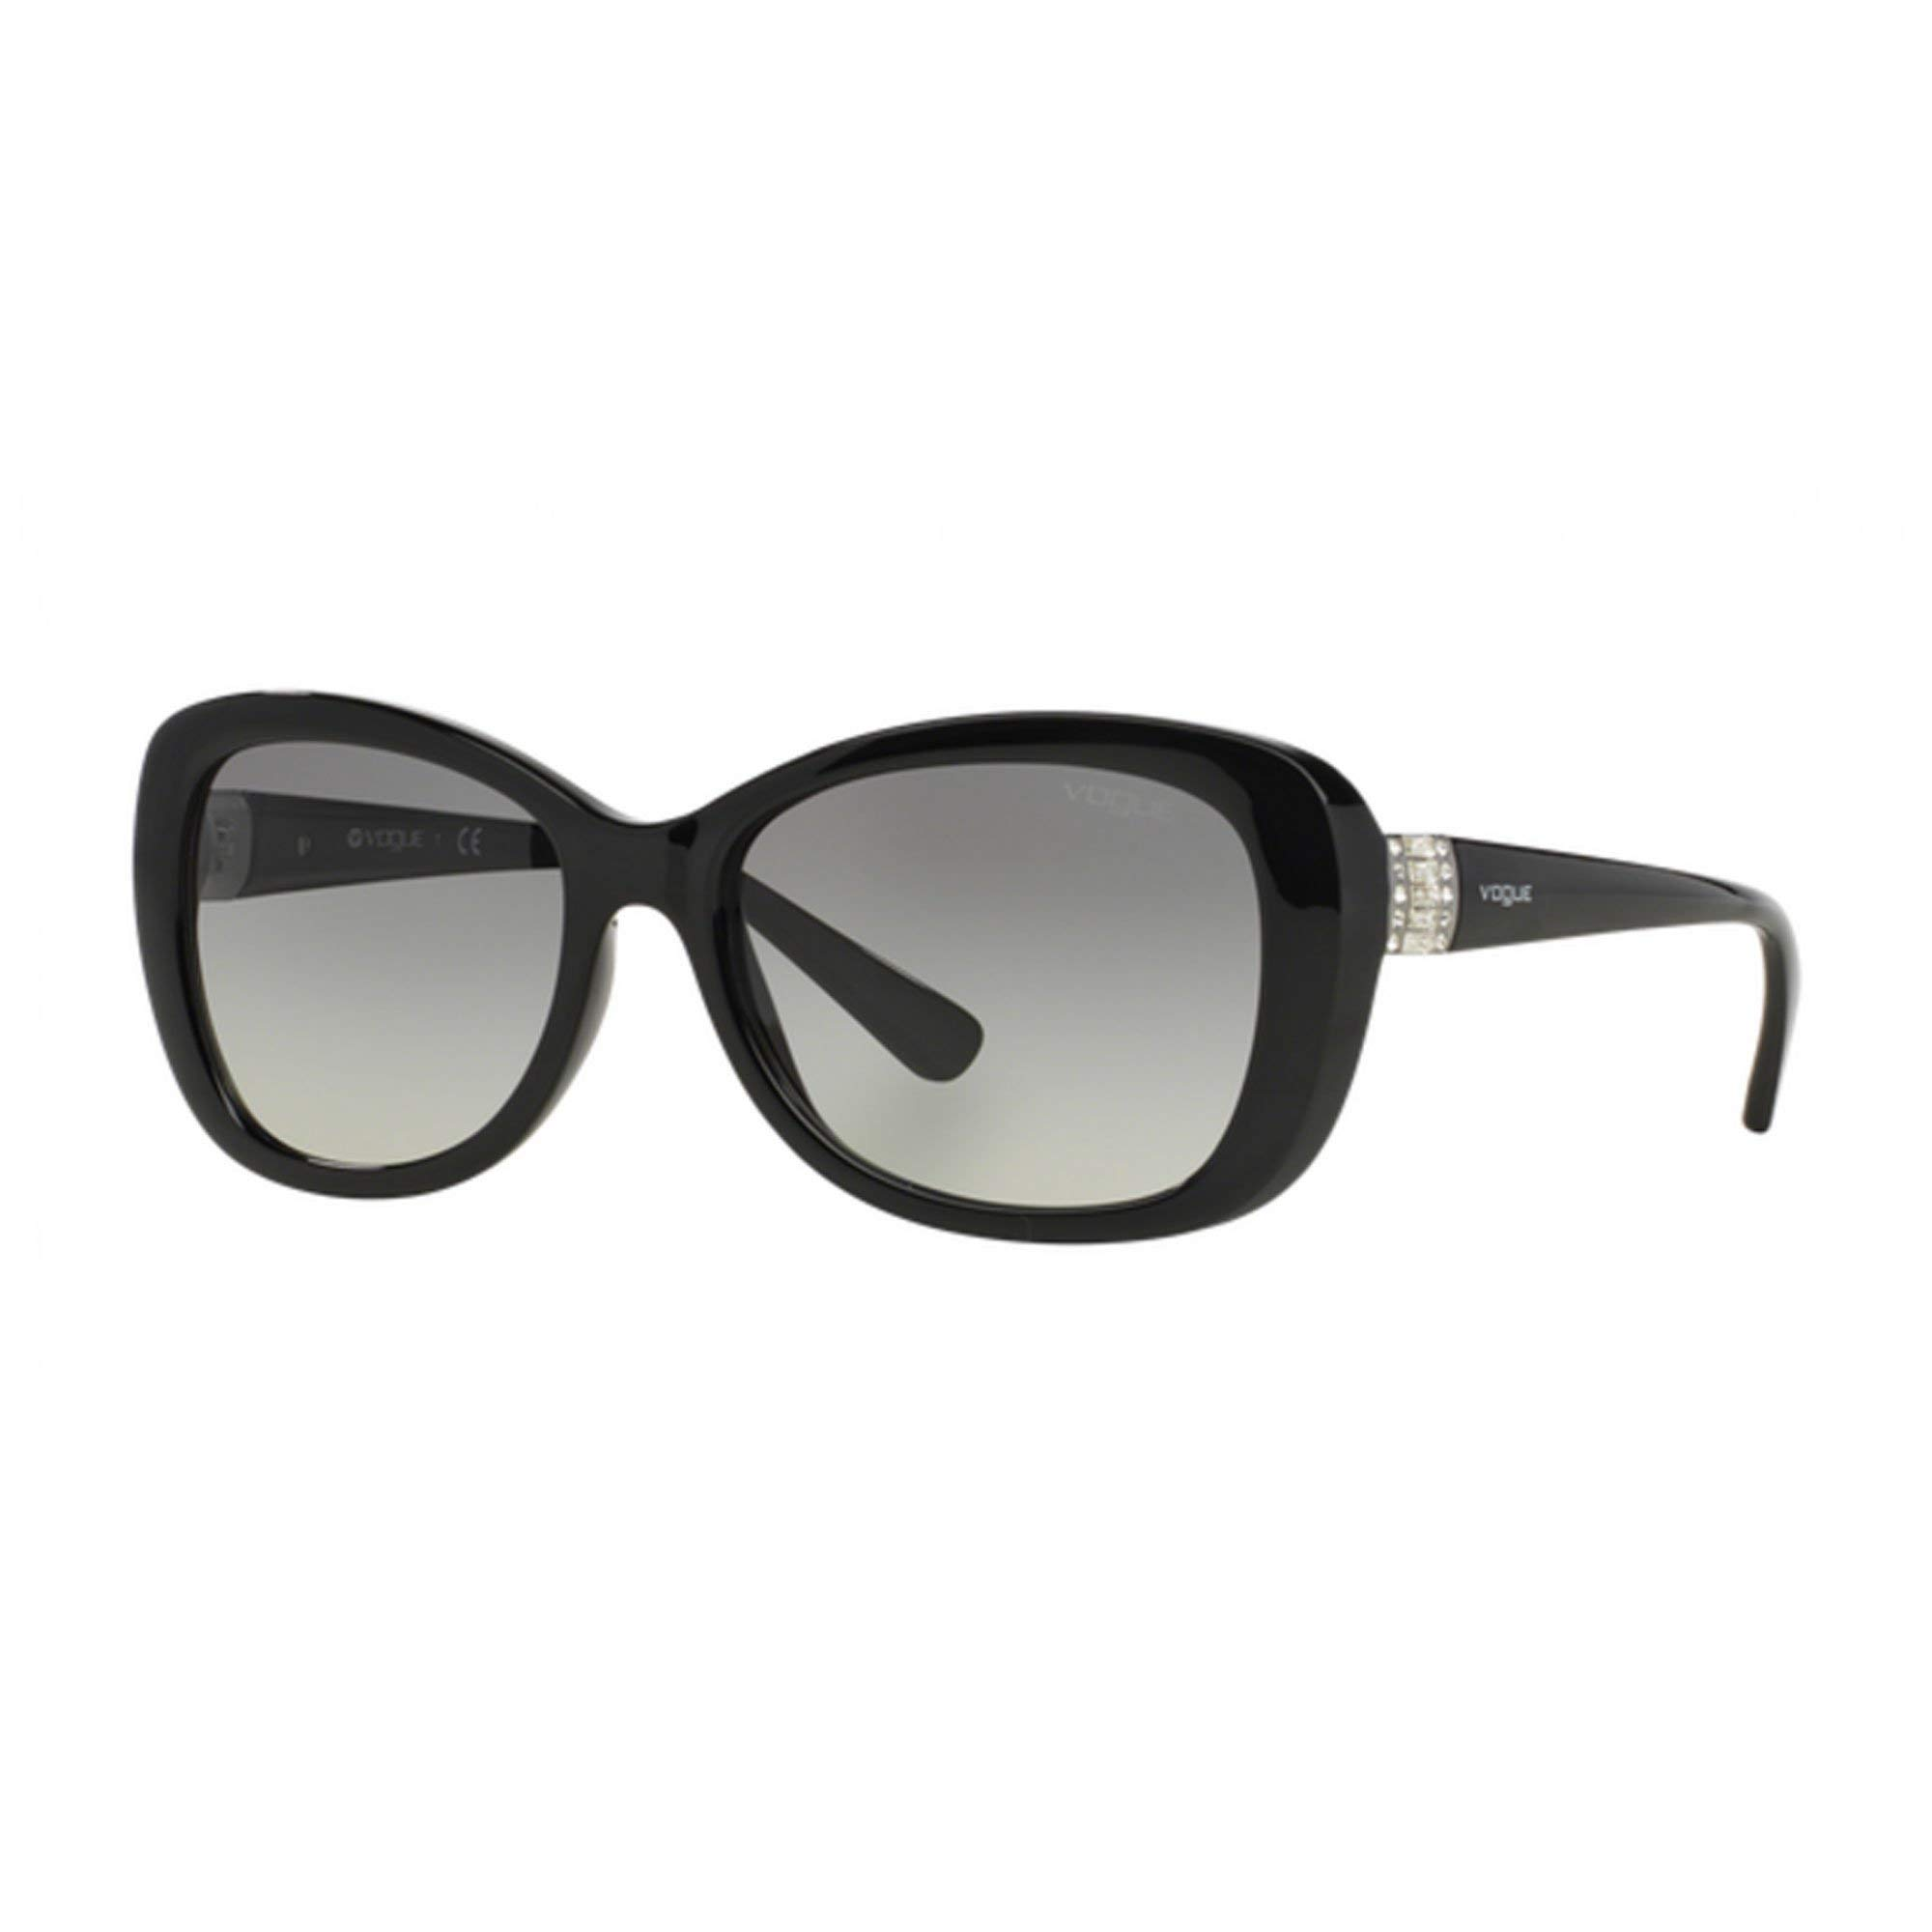 nuovo prodotto 71663 58f35 Vogue Occhiali da Sole Donna Modello 2943SB